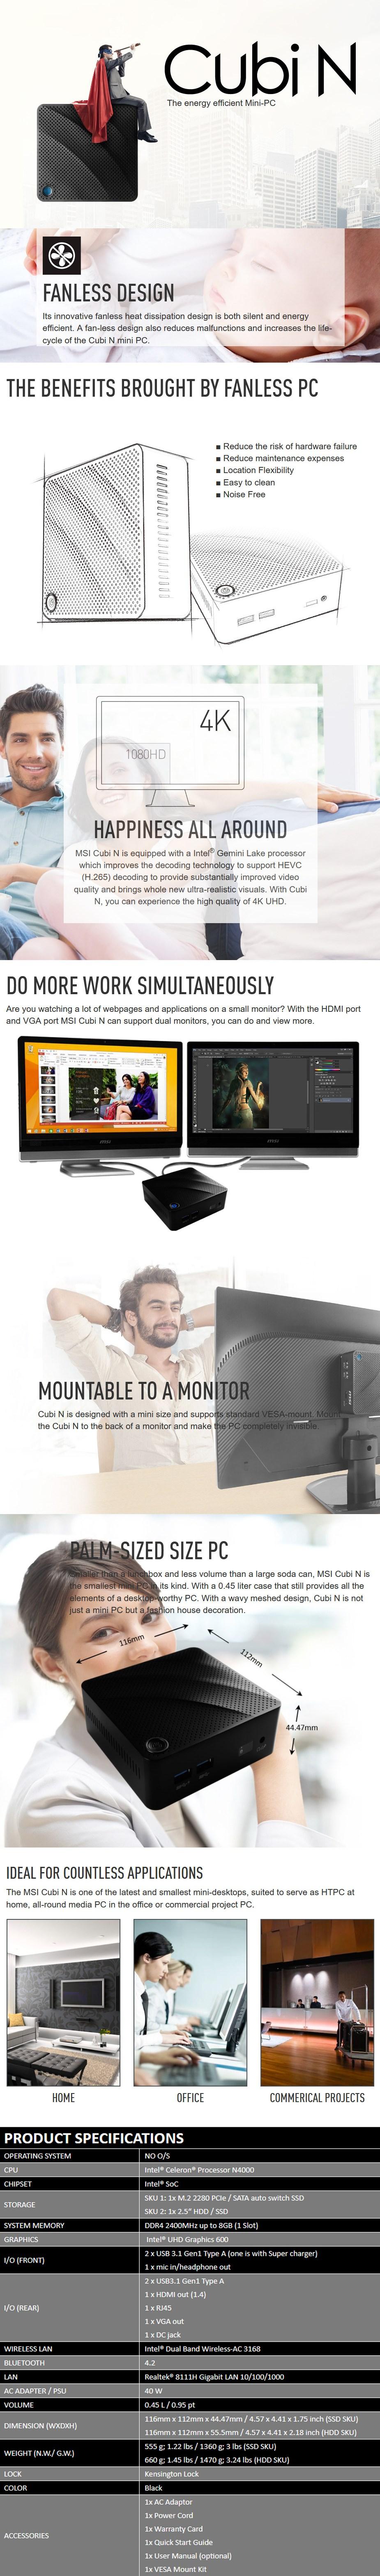 MSI Cubi N 8GL-075BAU Barebone Mini PC - Celeron N4000 - Black - Overview 1